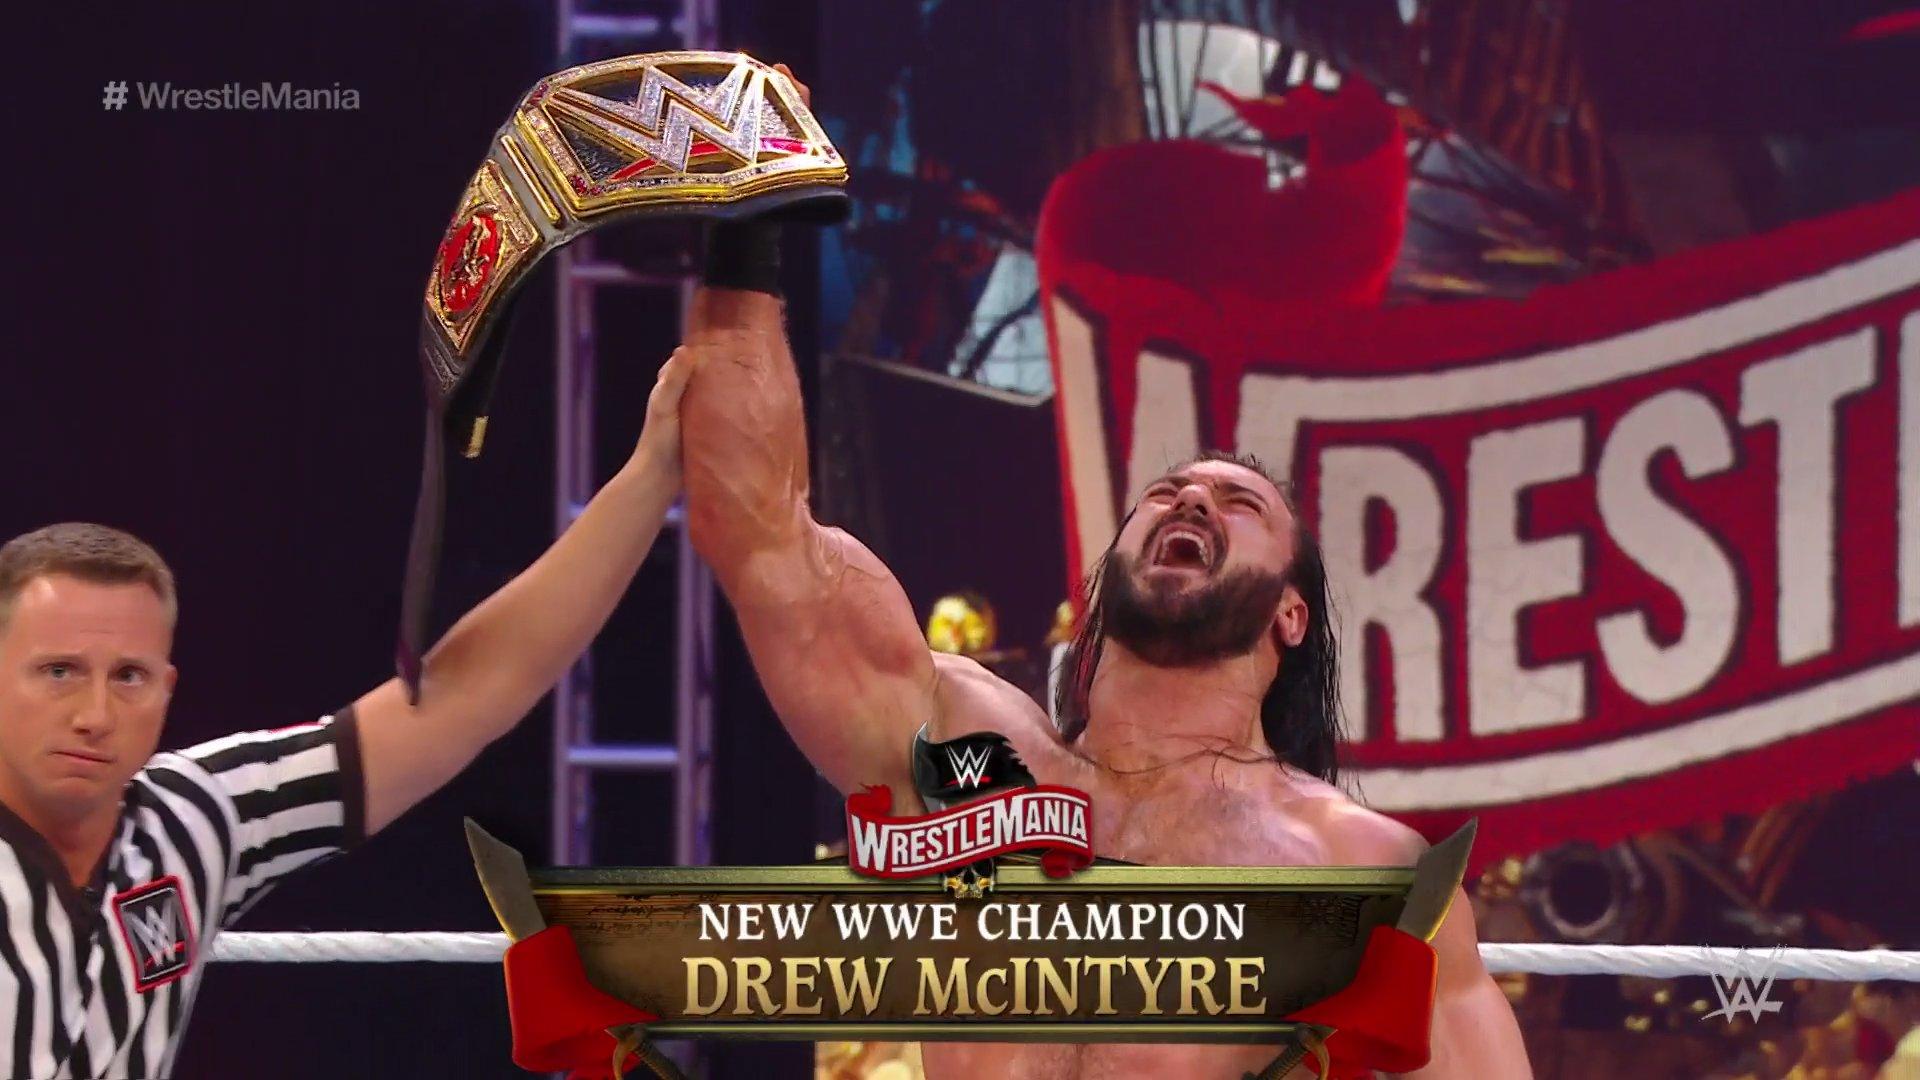 WWE WRESTLEMANIA 36 (5 de abril 2020) | Resultados en vivo | La segunda noche 77